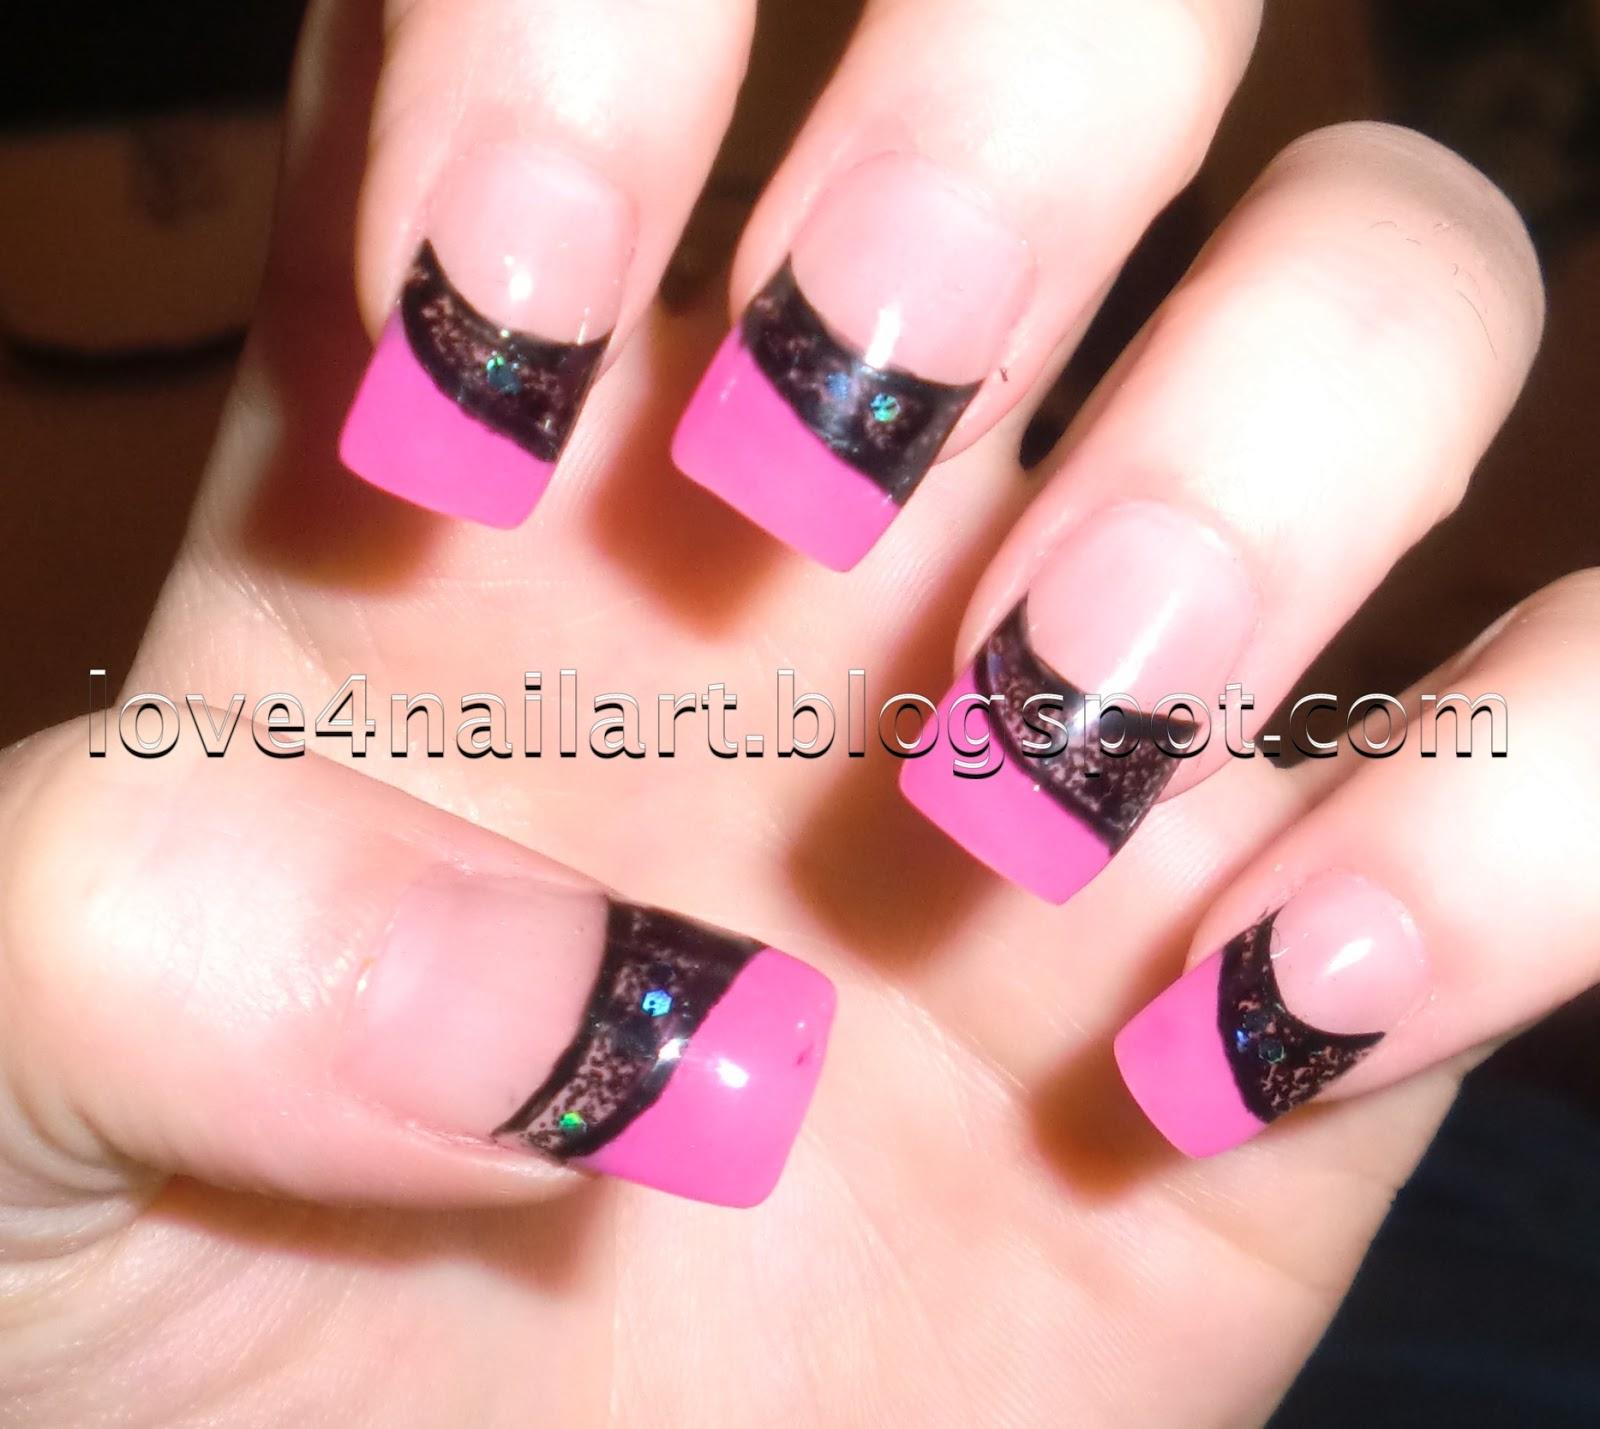 Pink Acrylic Nail Designs: Love4NailArt: Pink & Black Encapsulated Colored Acrylic Nails